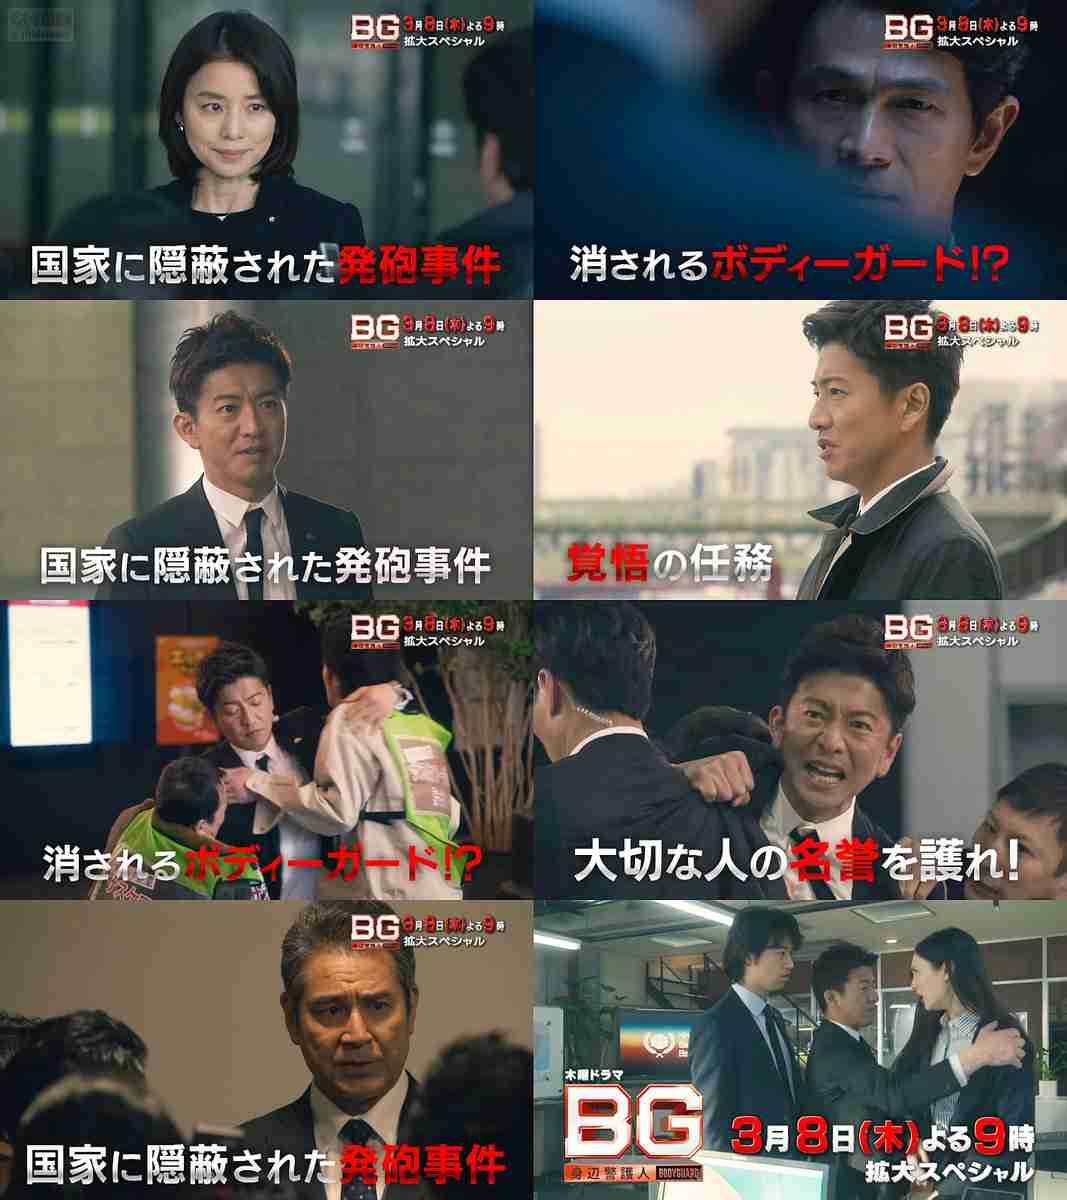 木村拓哉 主演「BG~身辺警護人~」第8話は16・4% 最終回直前でまた番組最高を更新